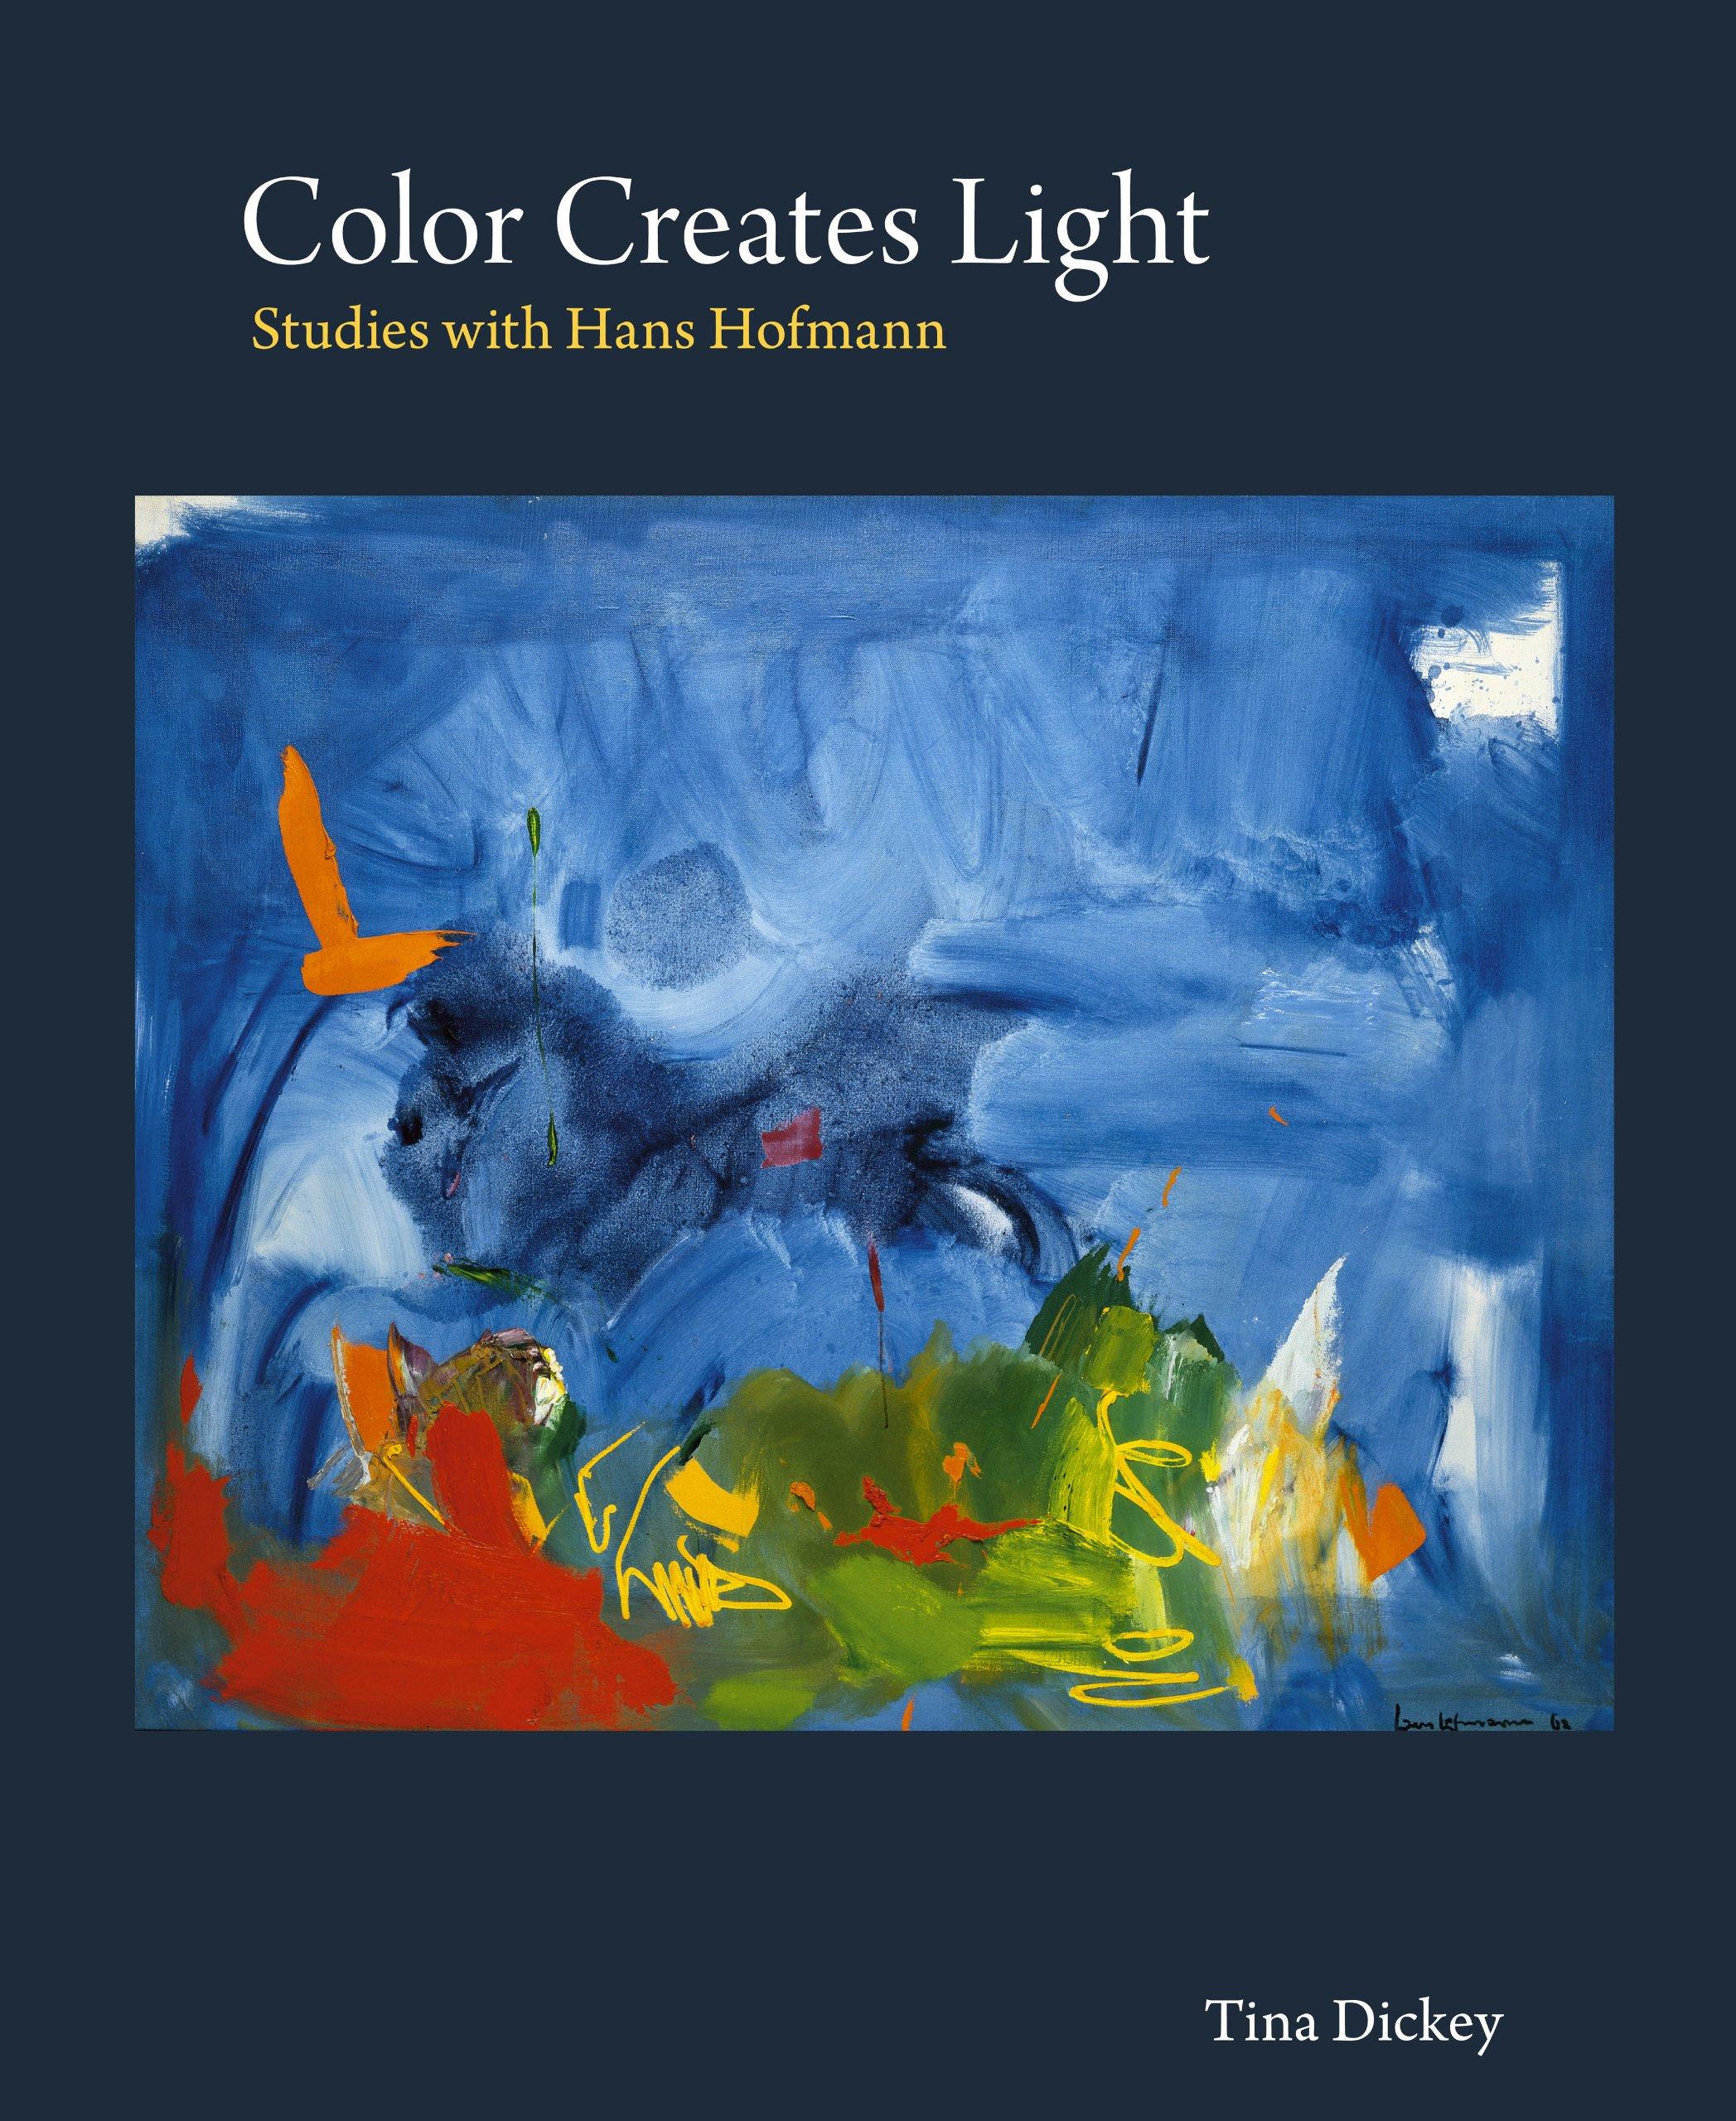 Color Creates Light: Studies with Hans Hofmann by Trillistar Books